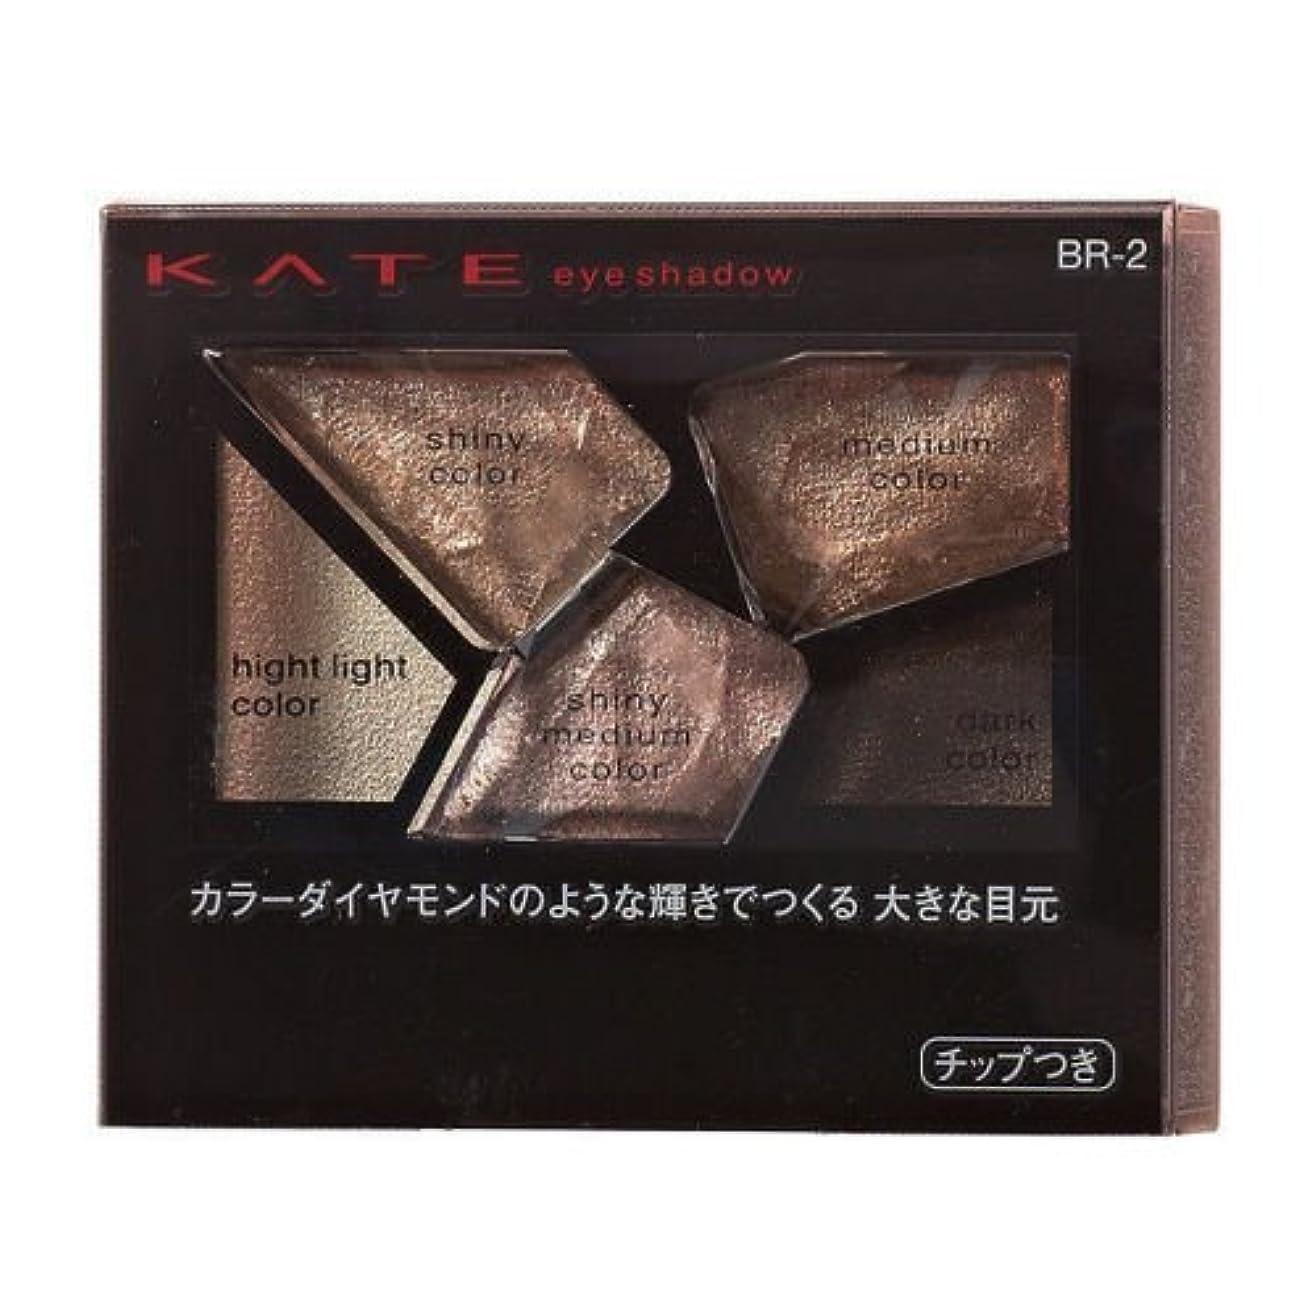 ベンチャーレガシーネコ【カネボウ】ケイト カラーシャスダイヤモンド #BR-2 2.8g